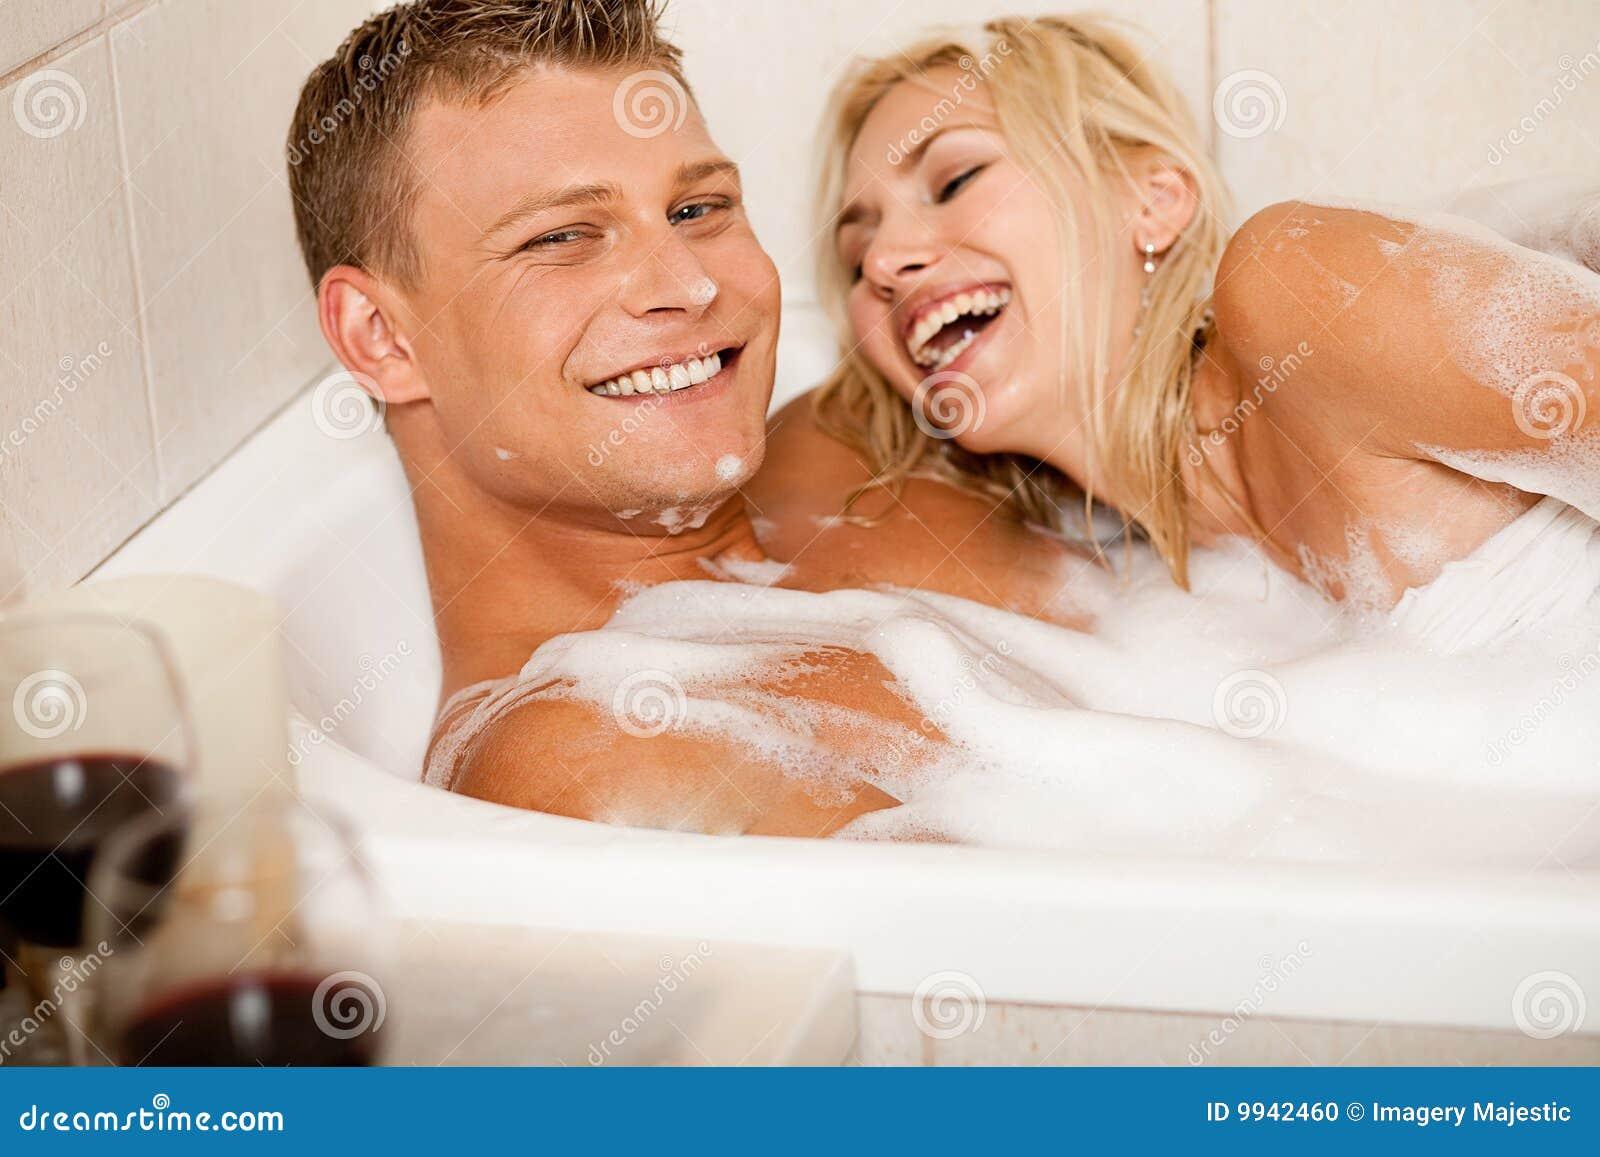 Рассказ муж в ванной а жена 11 фотография